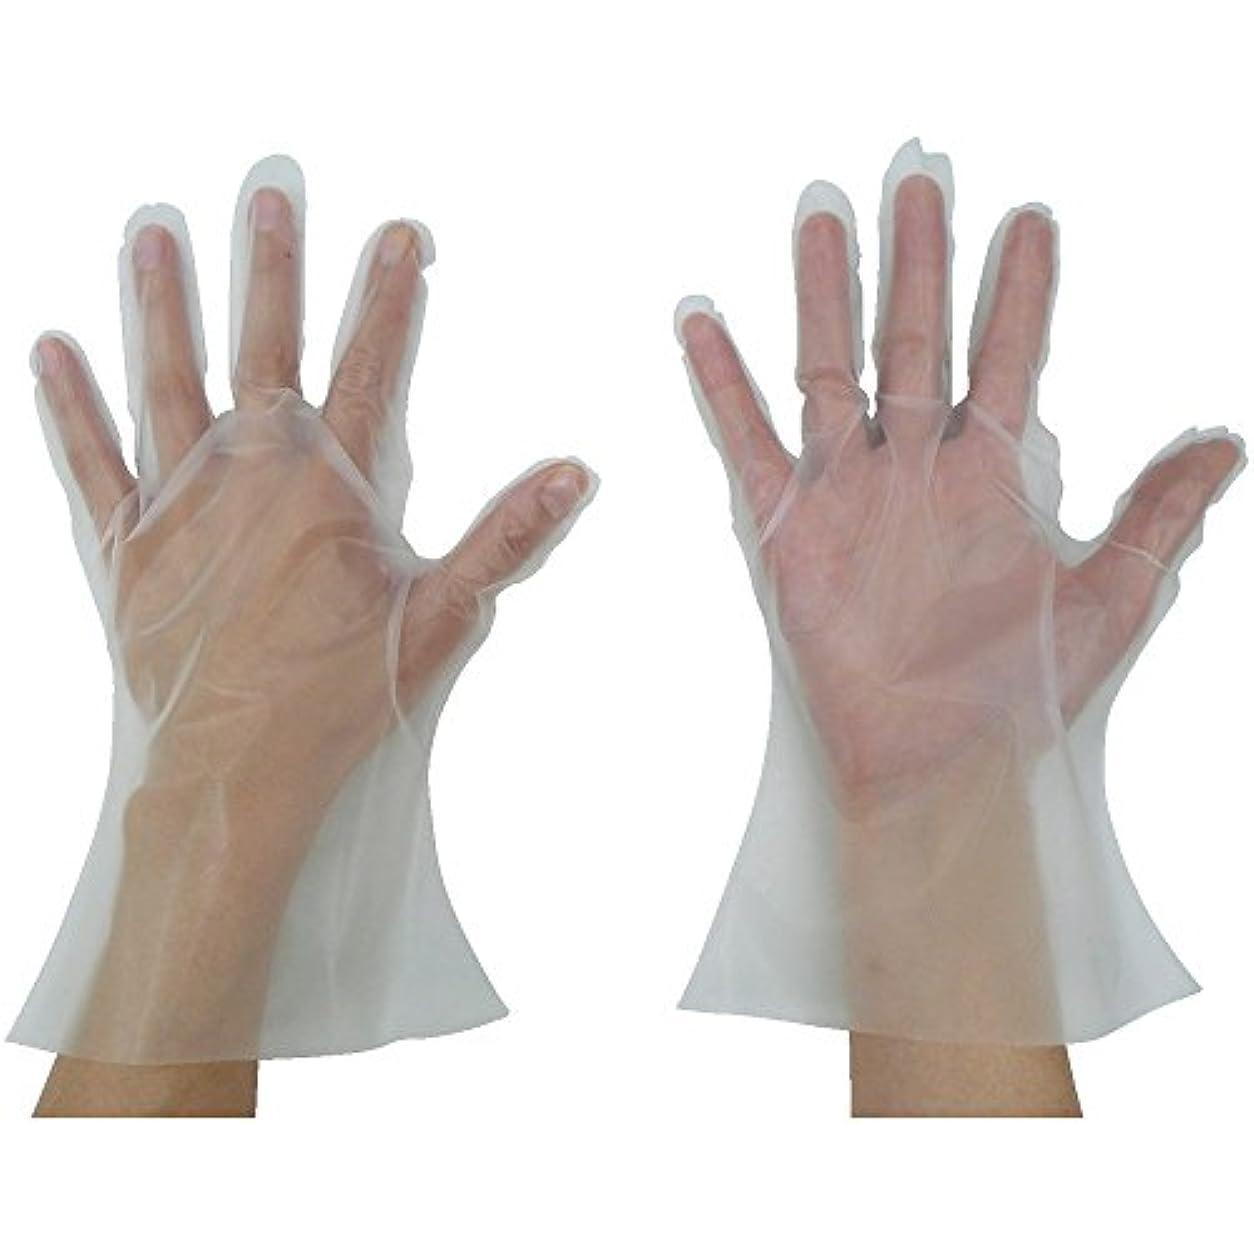 アパル暫定エクスタシー東京パック 緊急災害対策用手袋ニュ?マイジャスト簡易50S 半透明 KN-S ポリエチレン使い捨て手袋